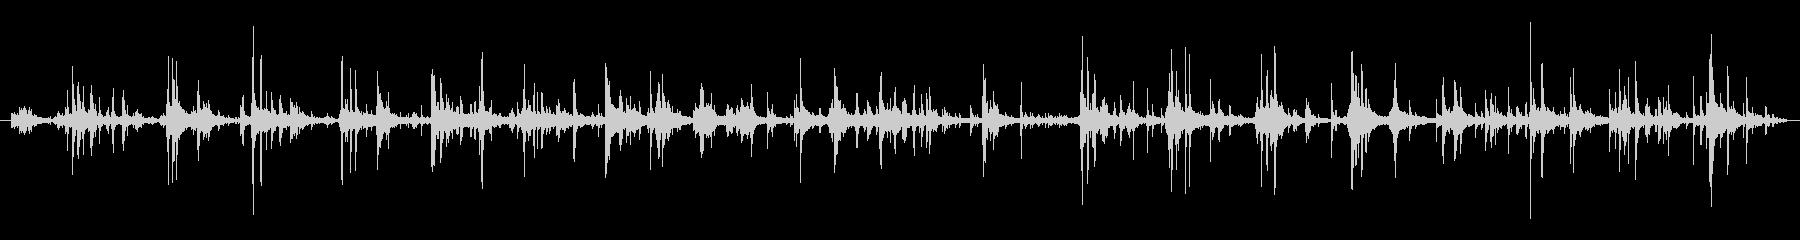 ハーネス ウォークシーケンス01の未再生の波形